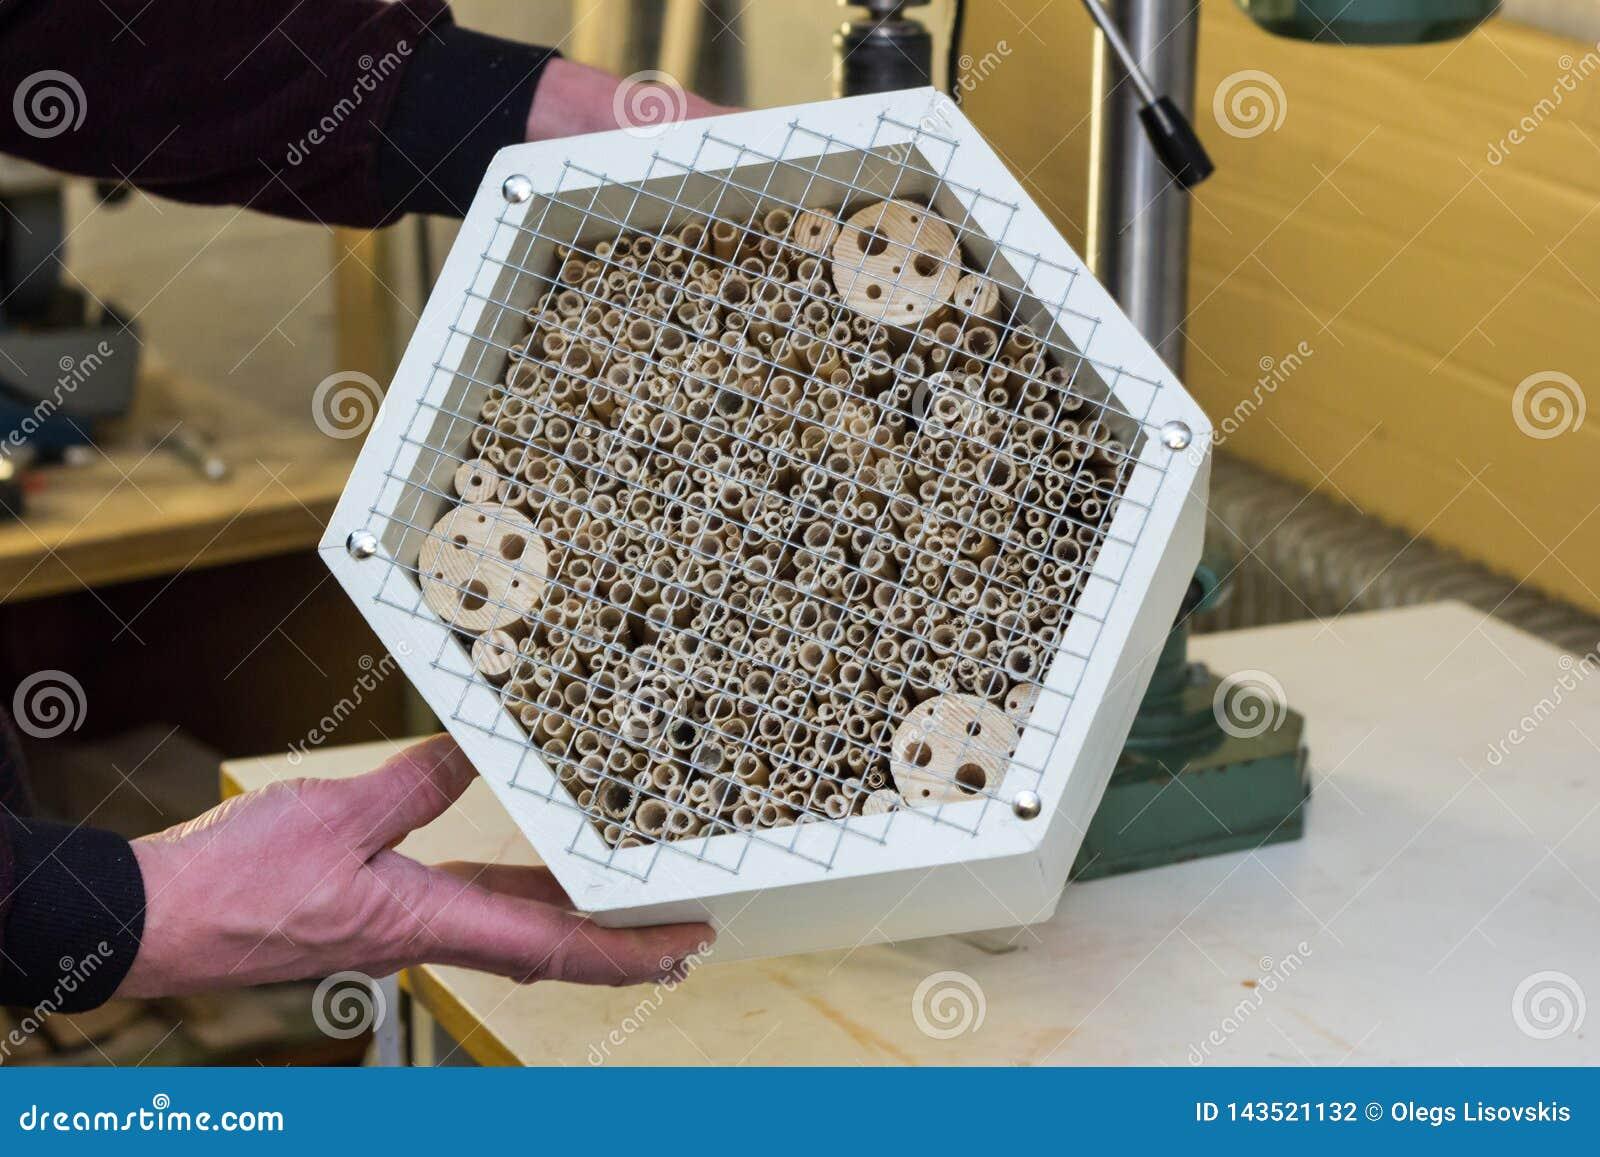 Hotel A Insecte Fabrication fabrication d'un hôtel d'insecte photo stock - image du